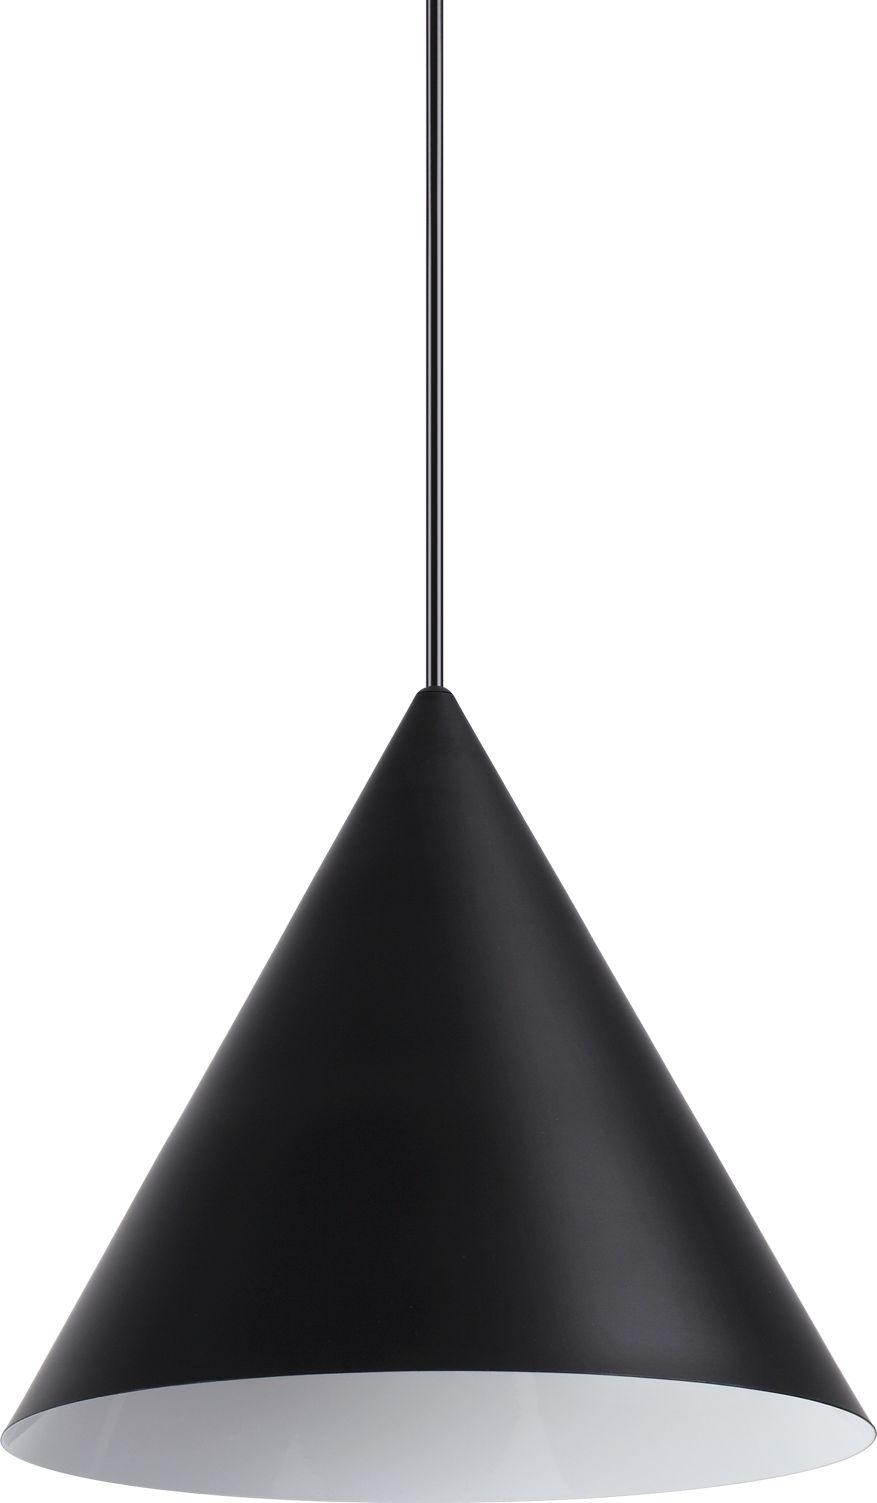 Lampa wisząca 232744 Ideal Lux pojedyńcza oprawa świetlna w kolorze czarnym